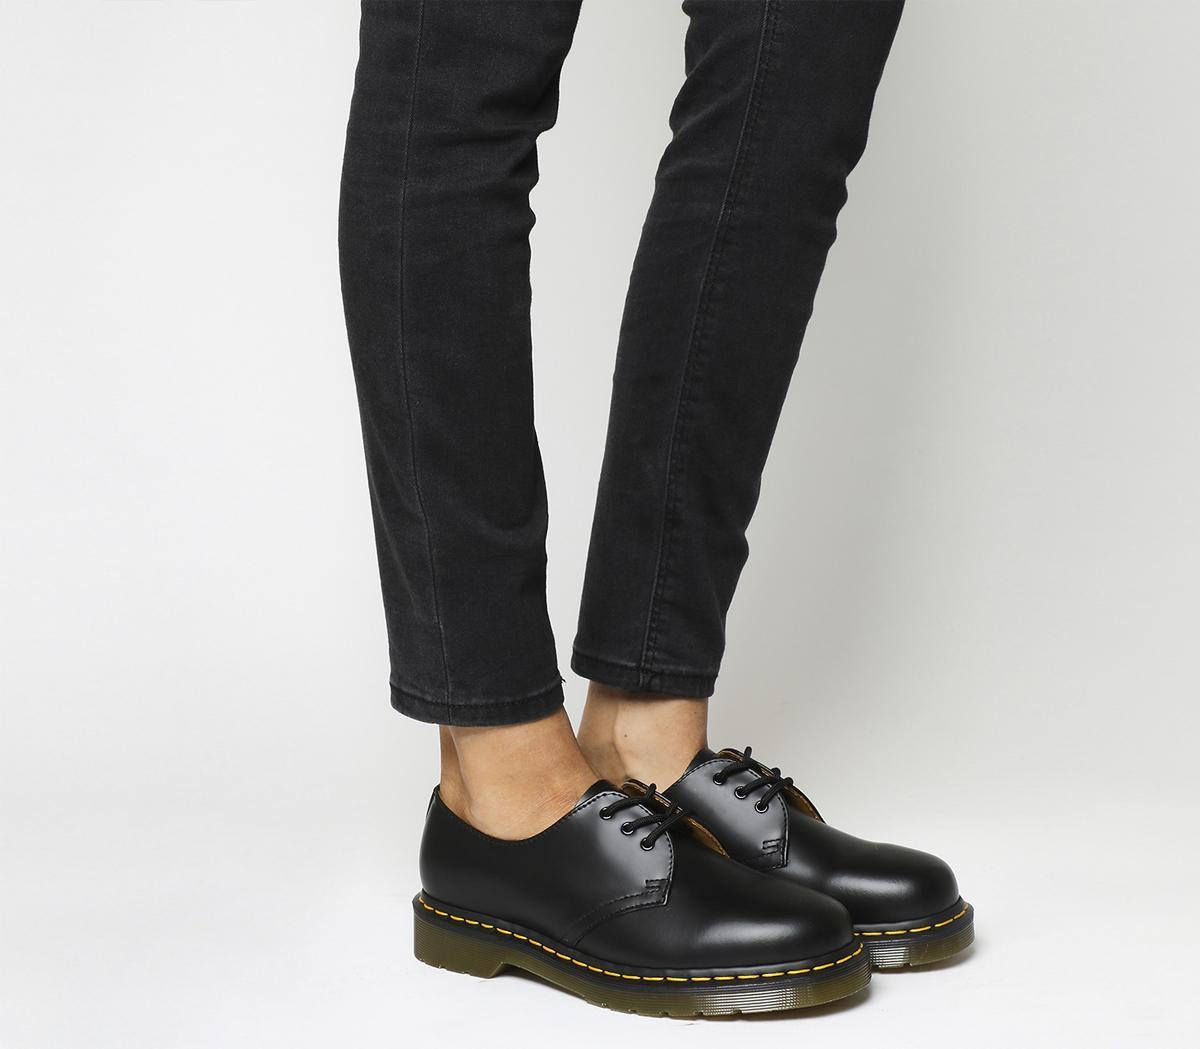 dr maarten shoes